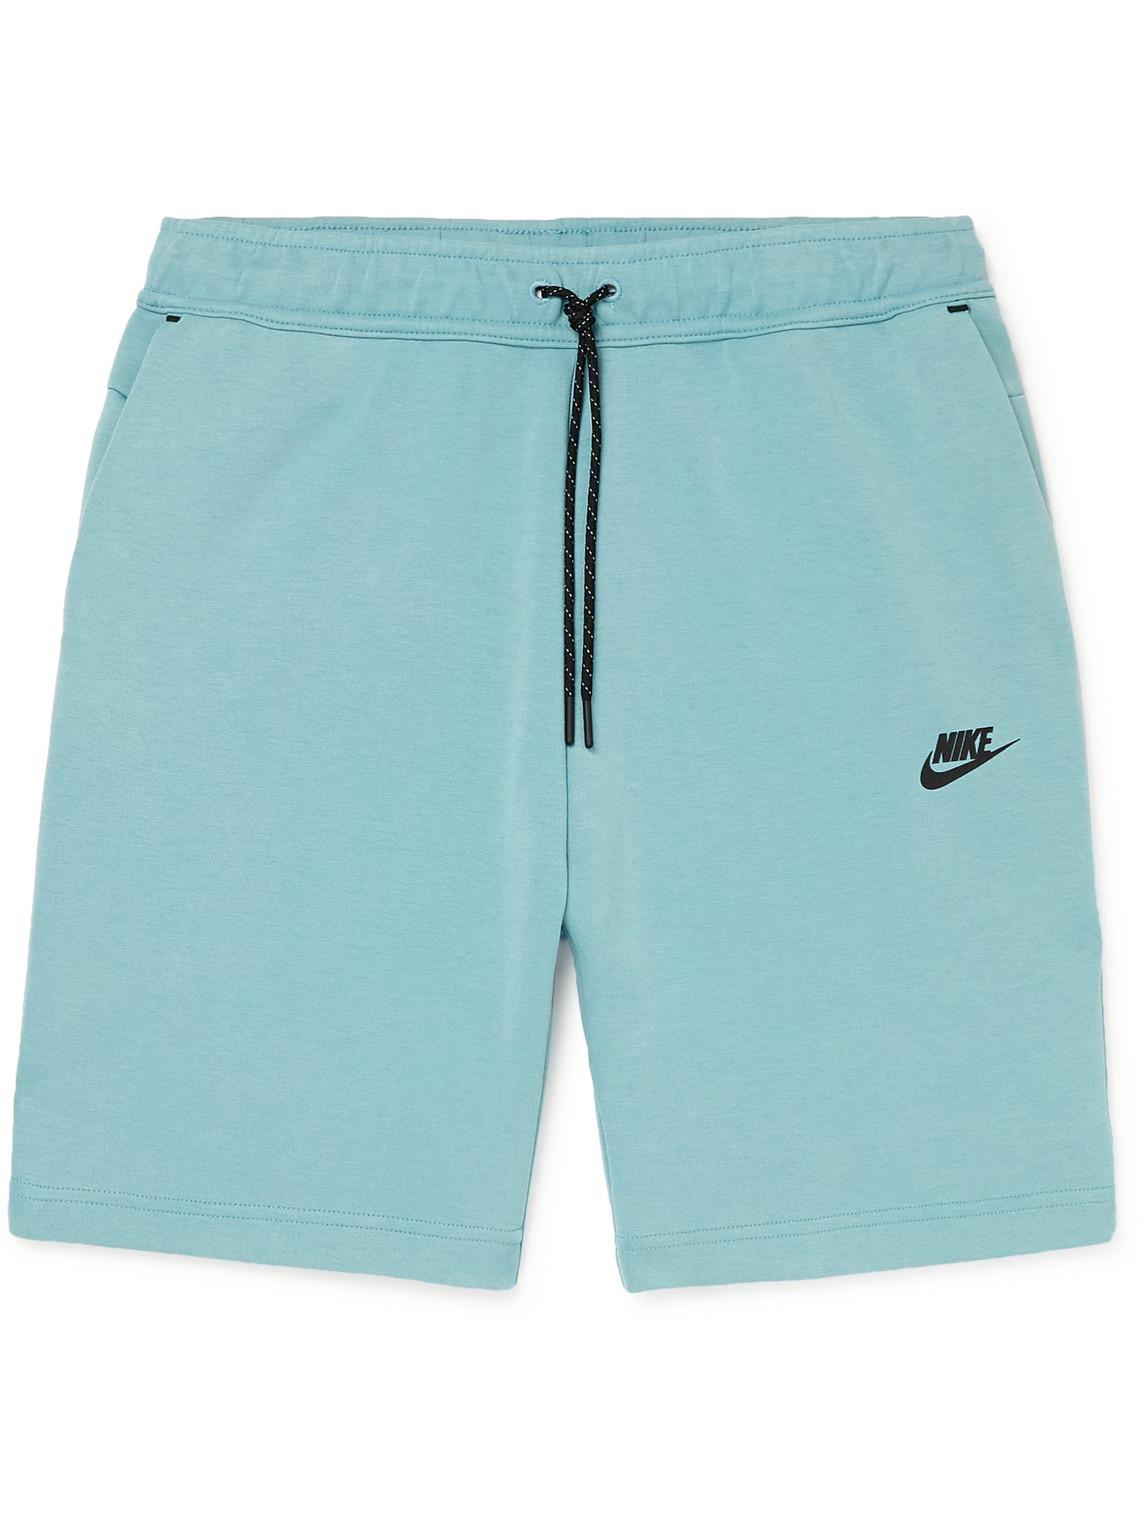 Nike Sportswear Cotton-blend Tech Fleece Drawstring Shorts In Blue